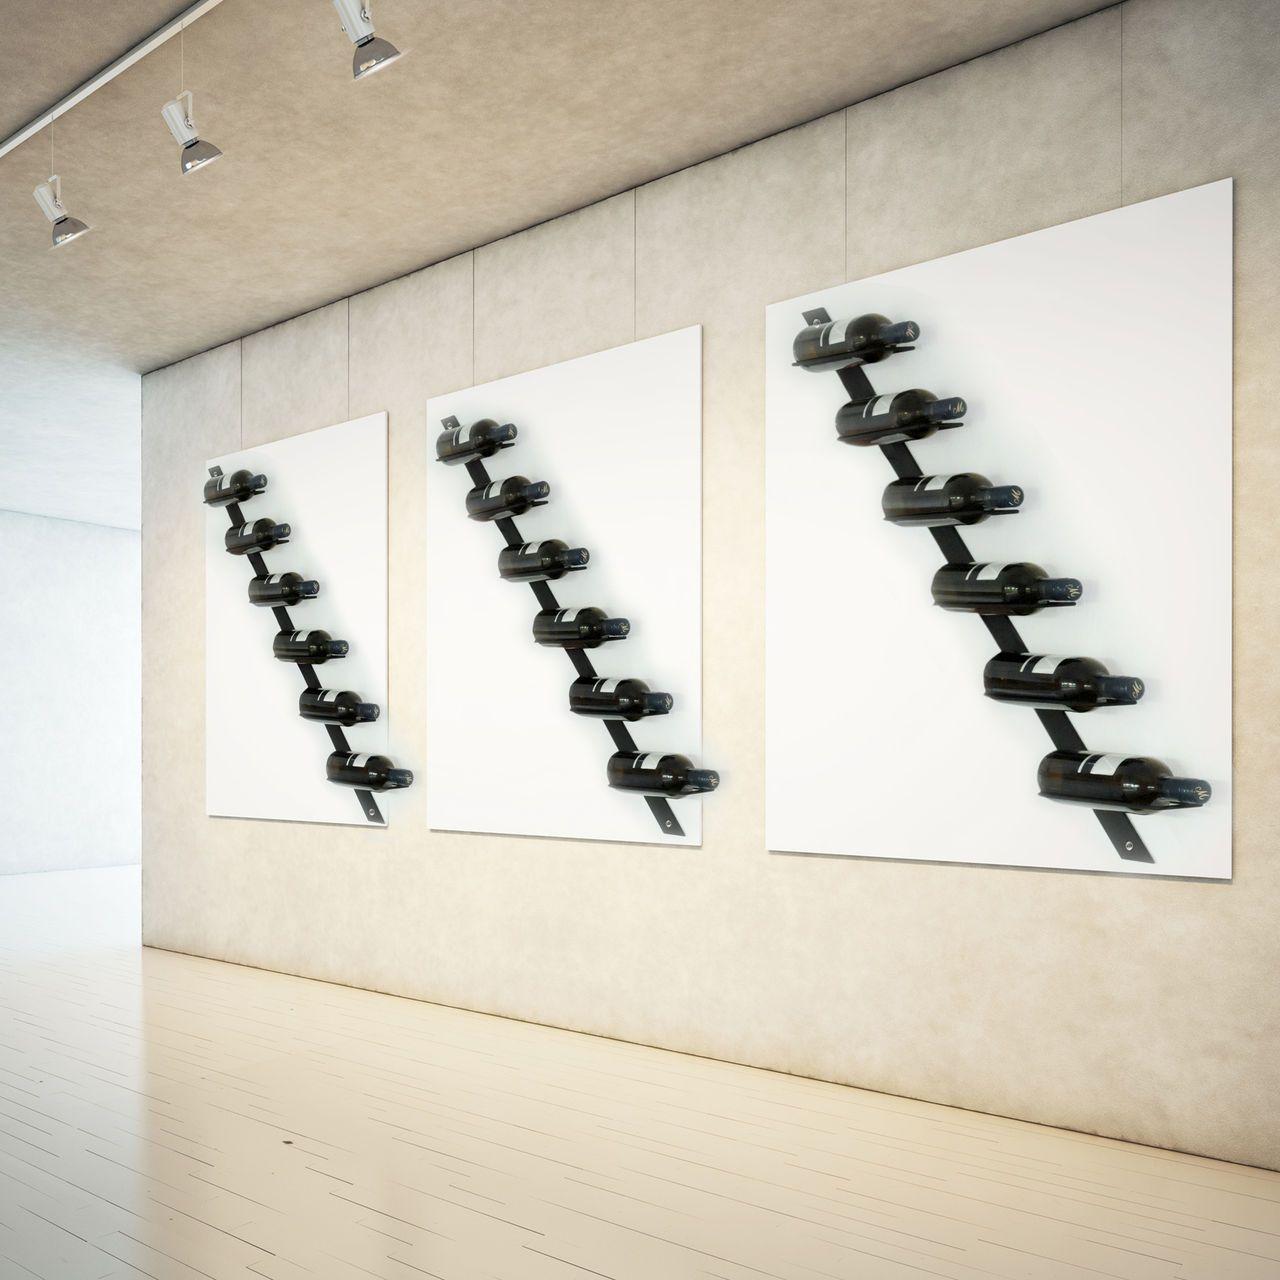 Puristisches Weinregal aus pulverbeschichtetem Metall für die Wand